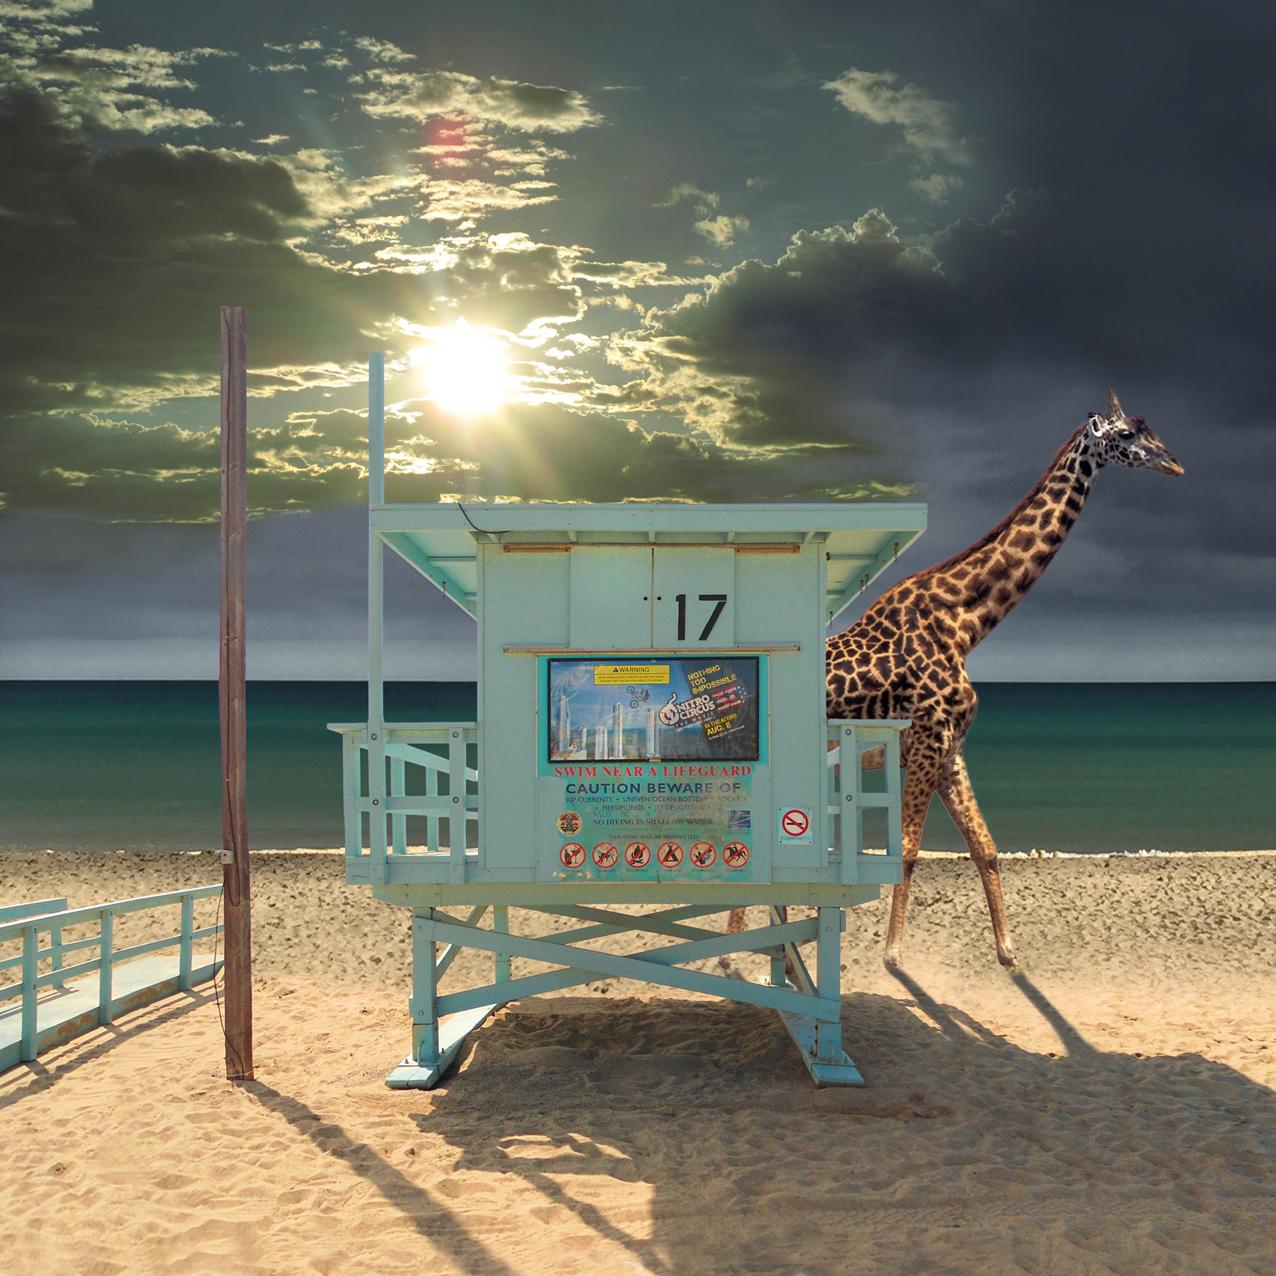 venice-beachklein